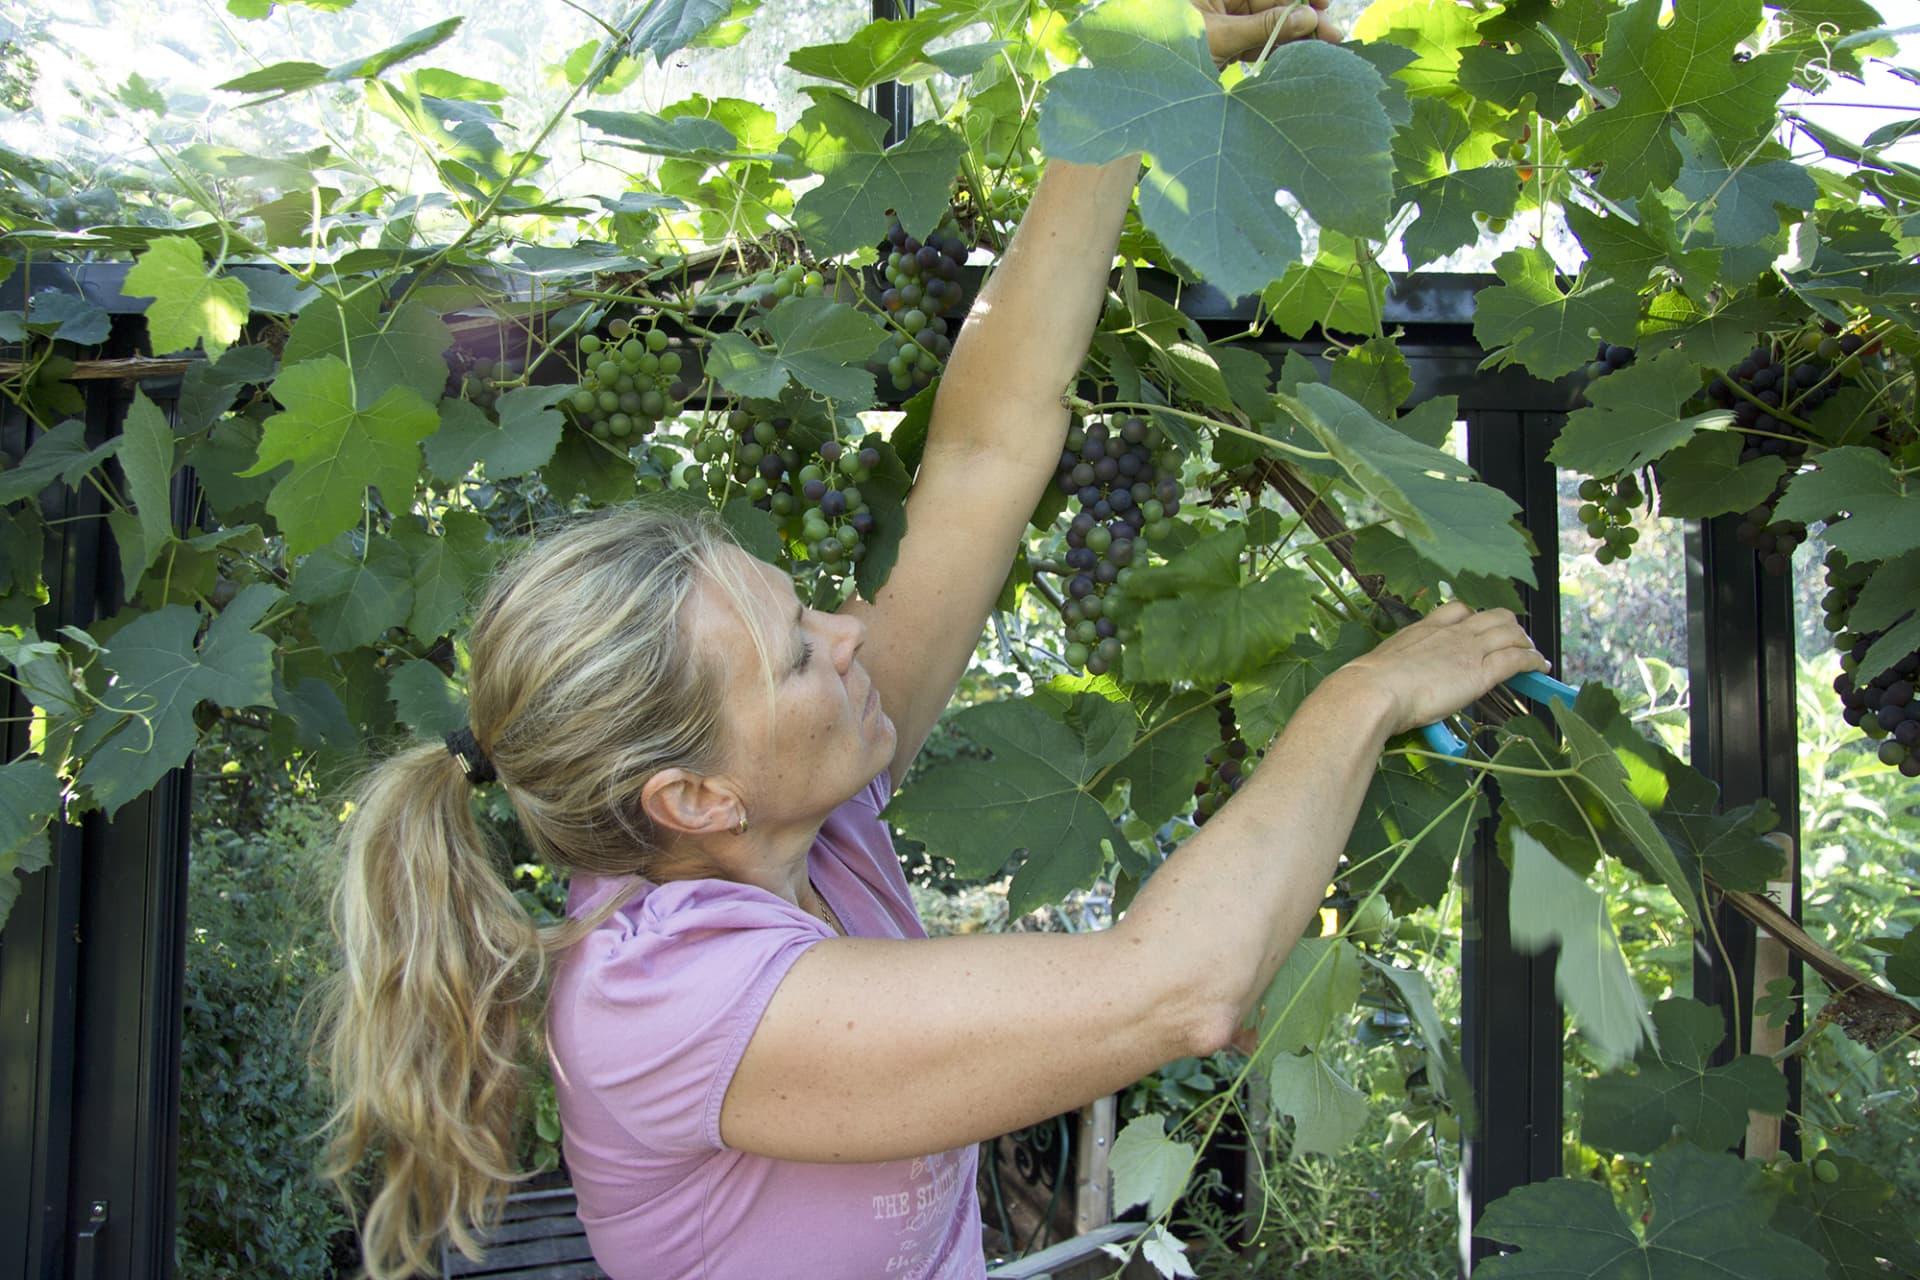 Sommarbeskärningen sker i flera omgångar, allt eftersom nya rankor växter till och skuggar druvorna.